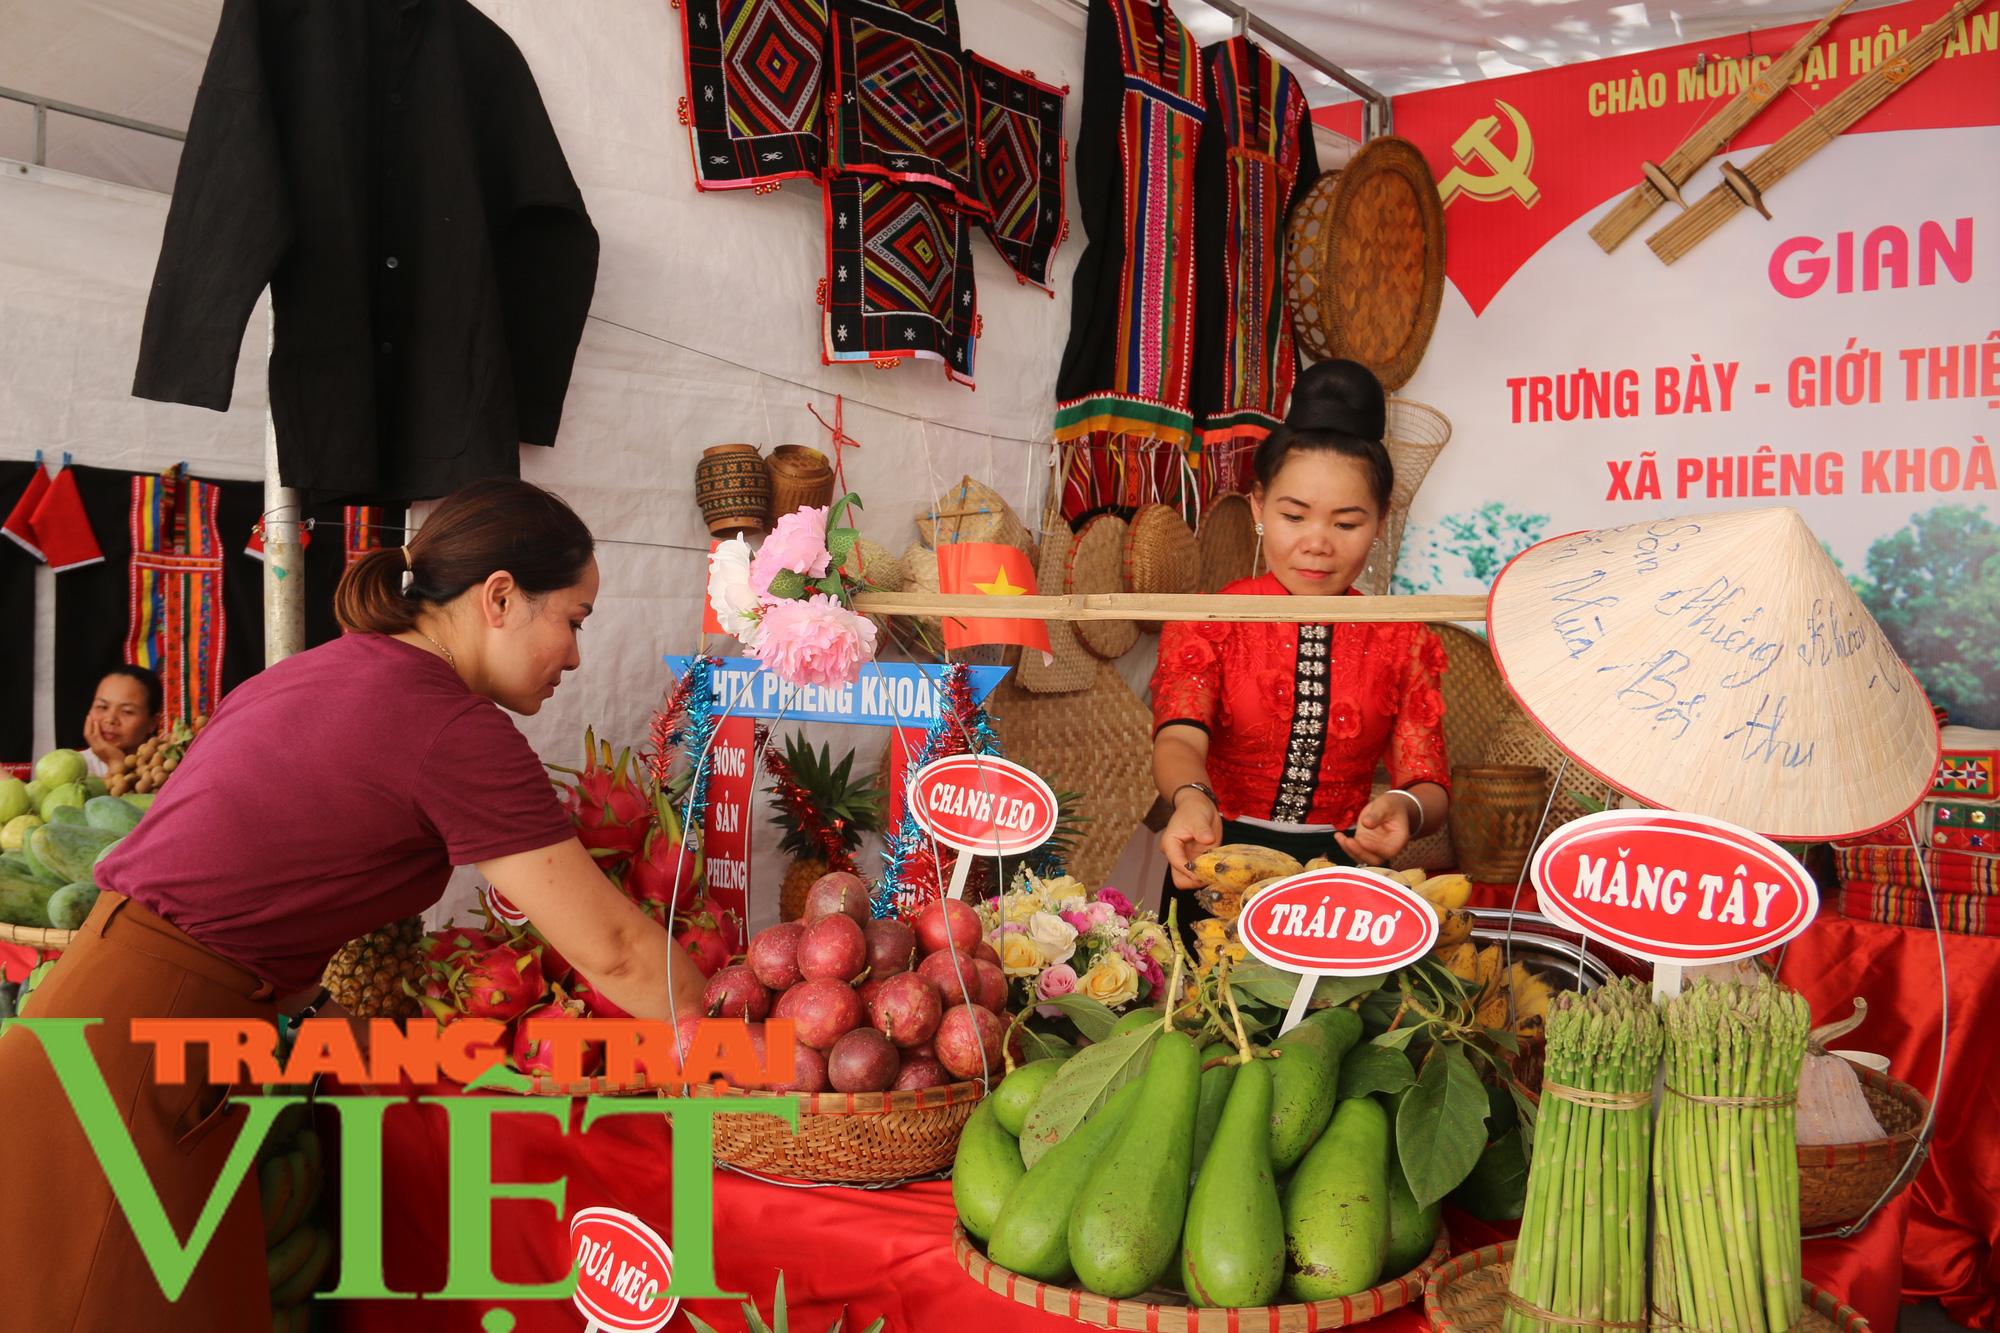 Thứ Trưởng NNPTN: Sơn La là một điển hình về trồng cây ăn quả - Ảnh 4.